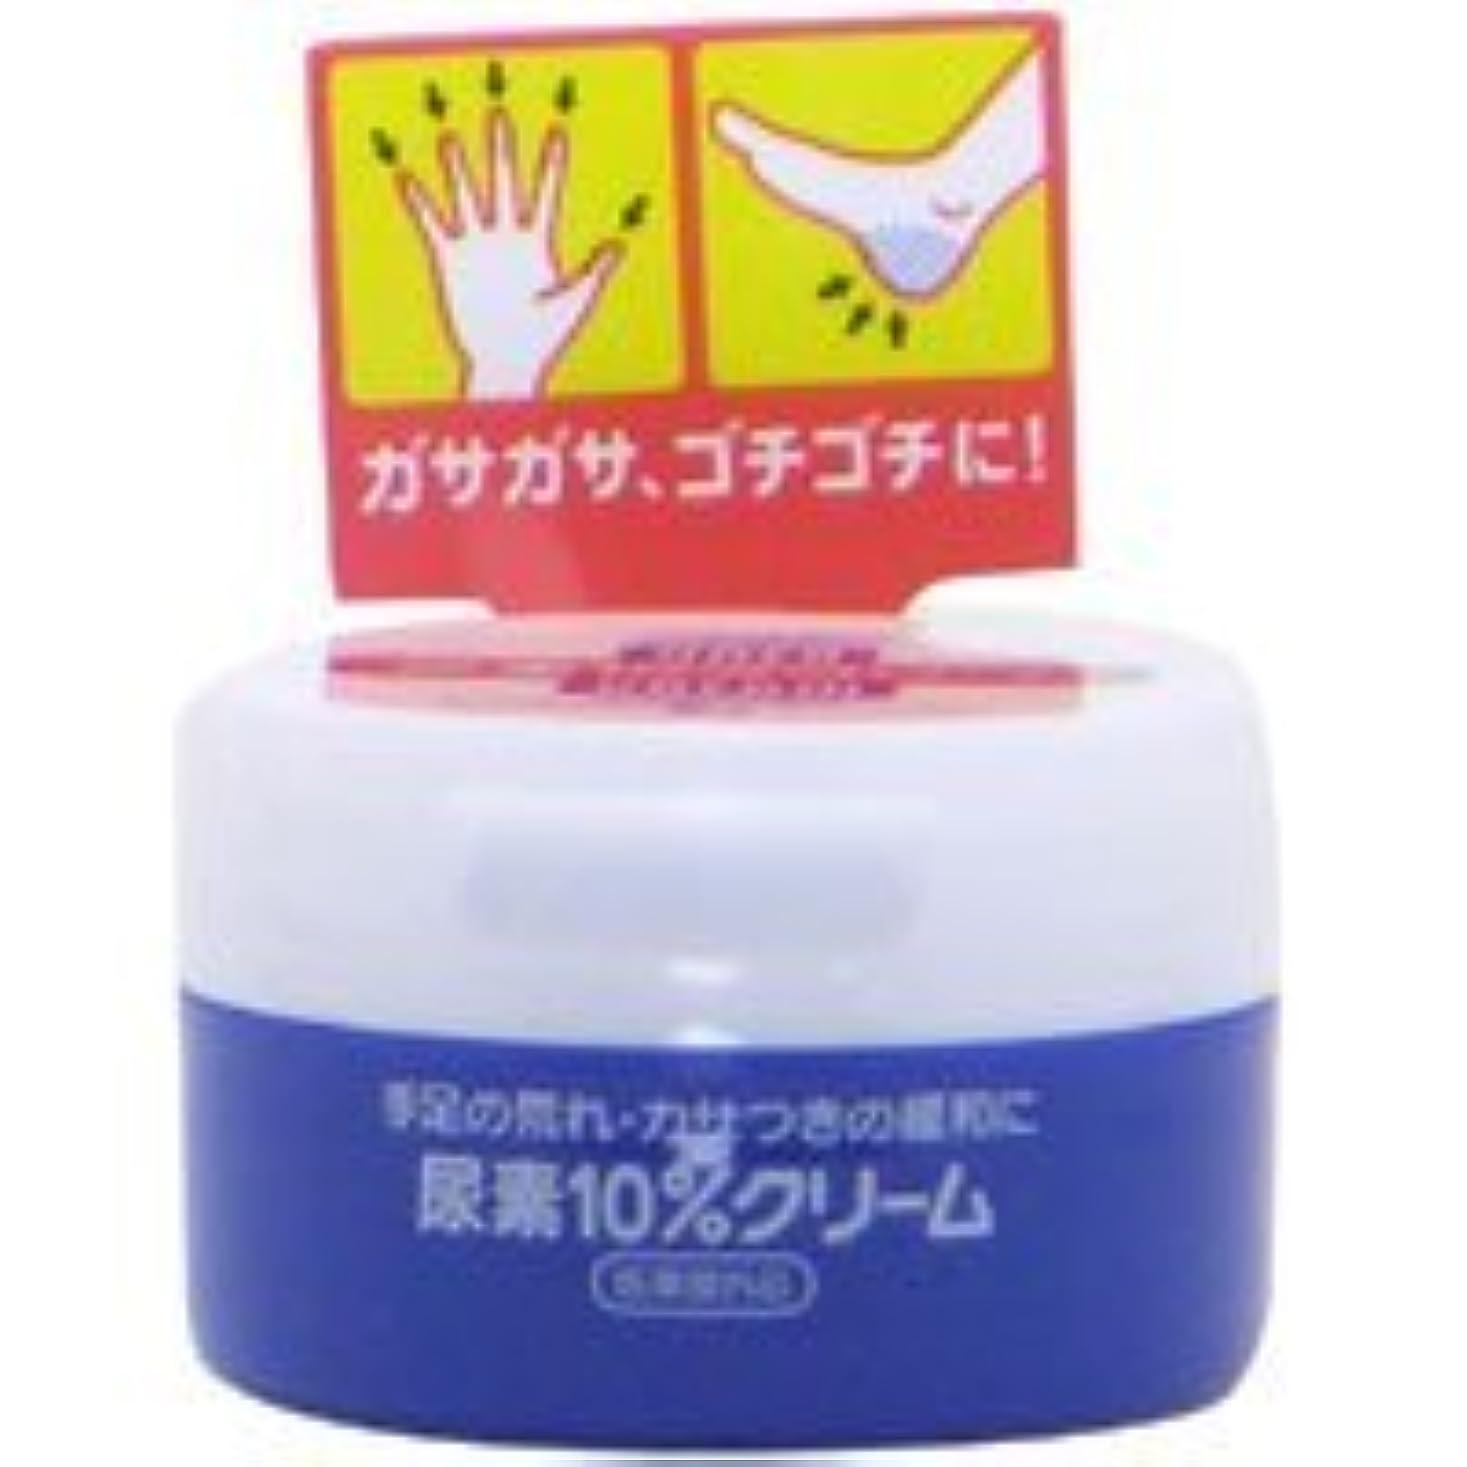 雄大なミニチュアホイスト【エフティ資生堂】尿素10% クリーム ジャー 100g